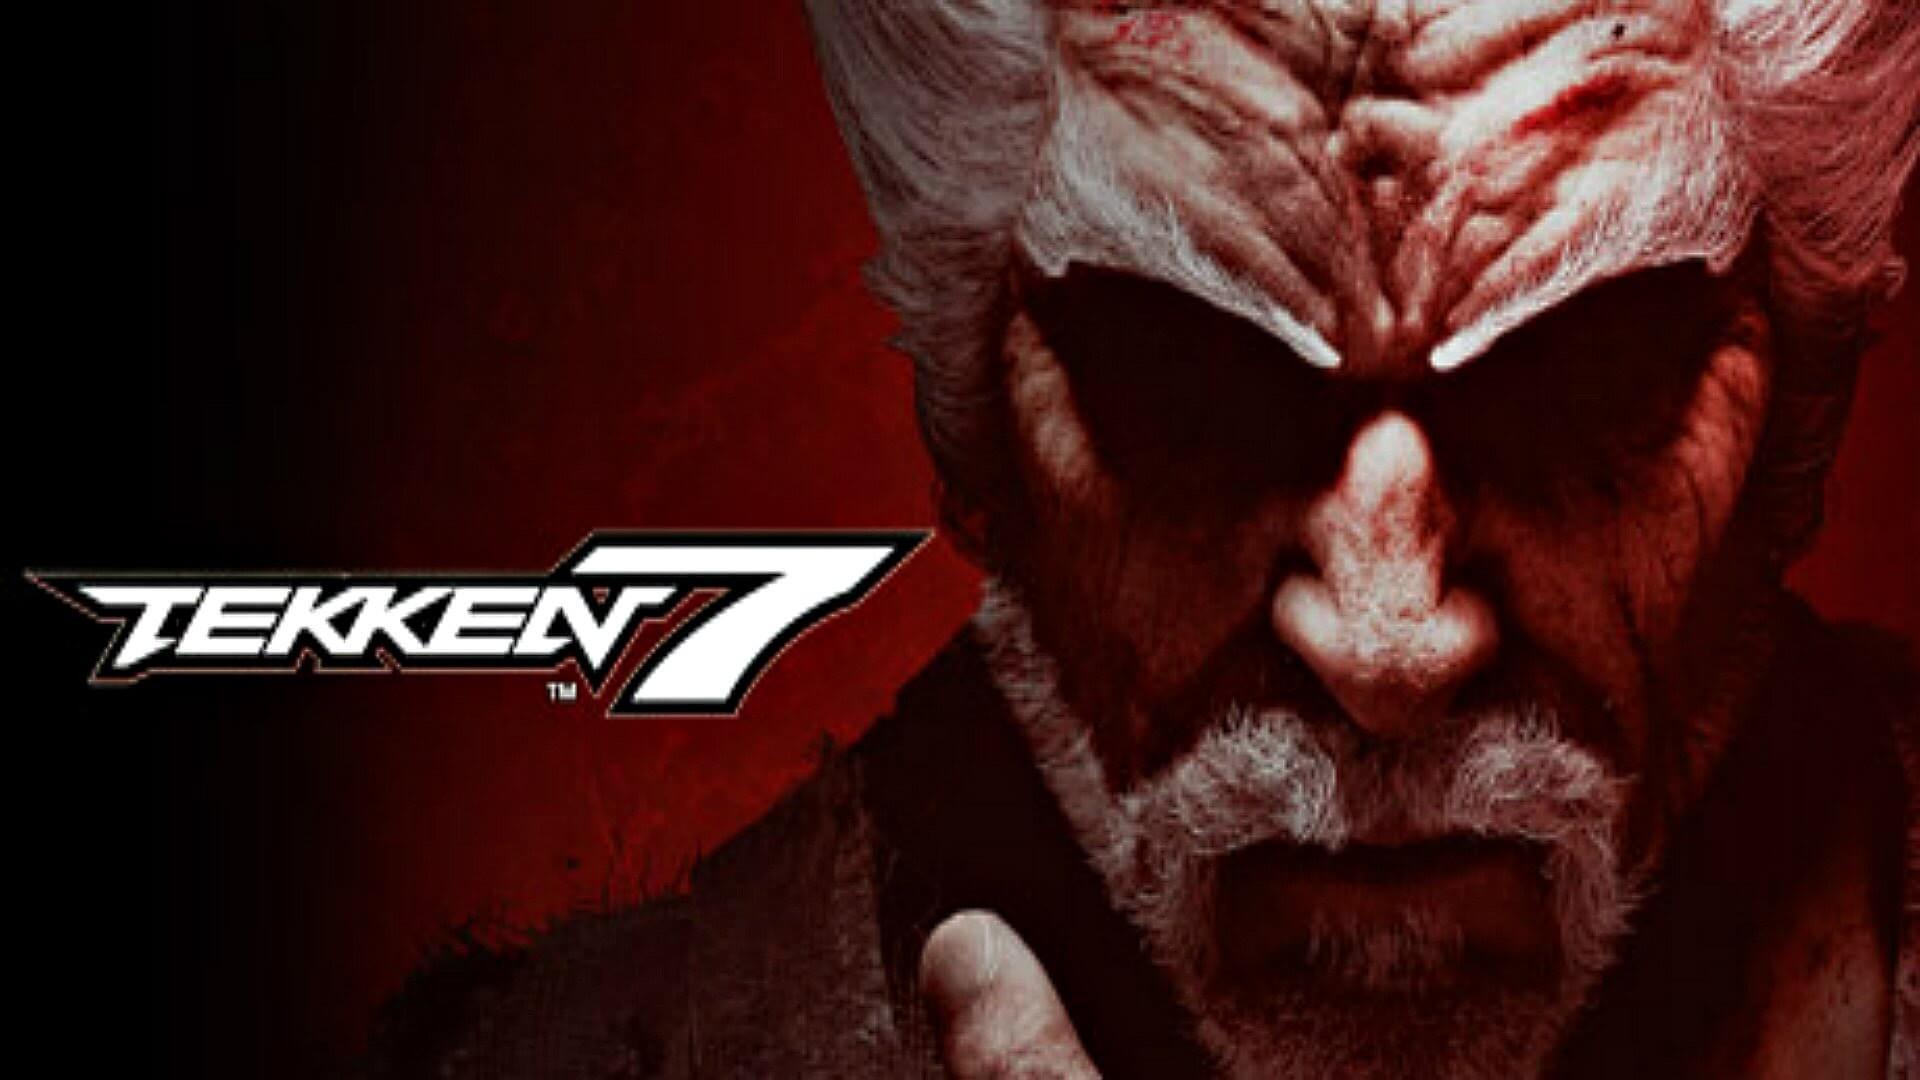 Tekken 7 Update 4.02 patch notes released